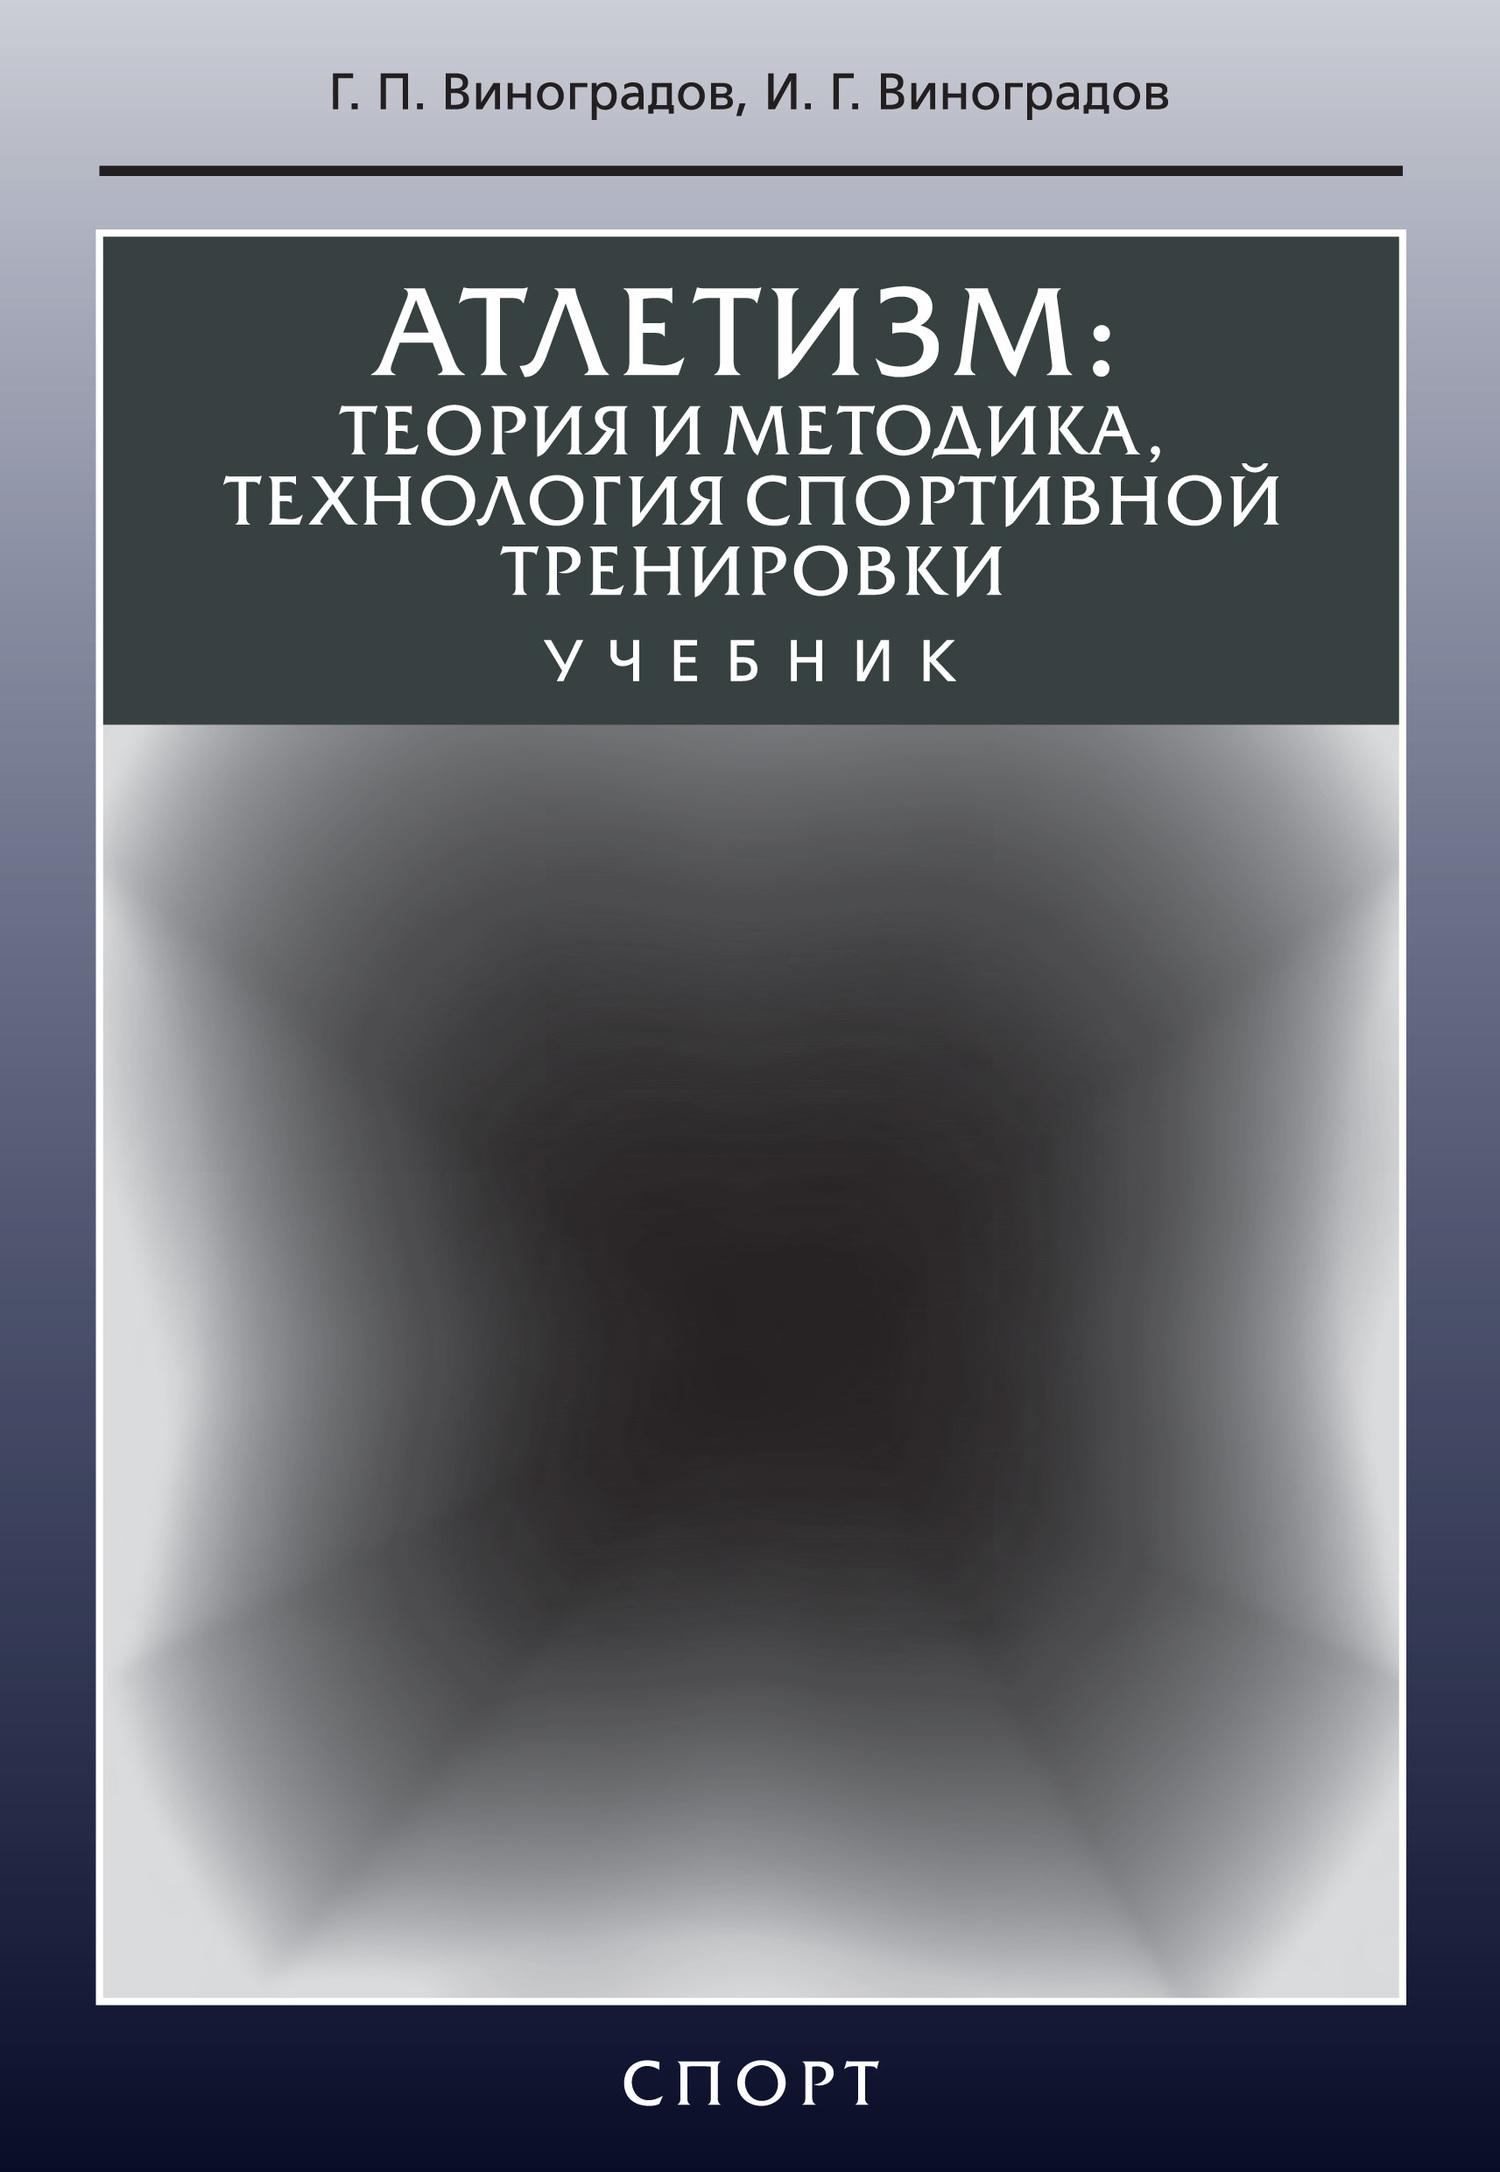 Возьмем книгу в руки 35/13/32/35133238.bin.dir/35133238.cover.jpg обложка